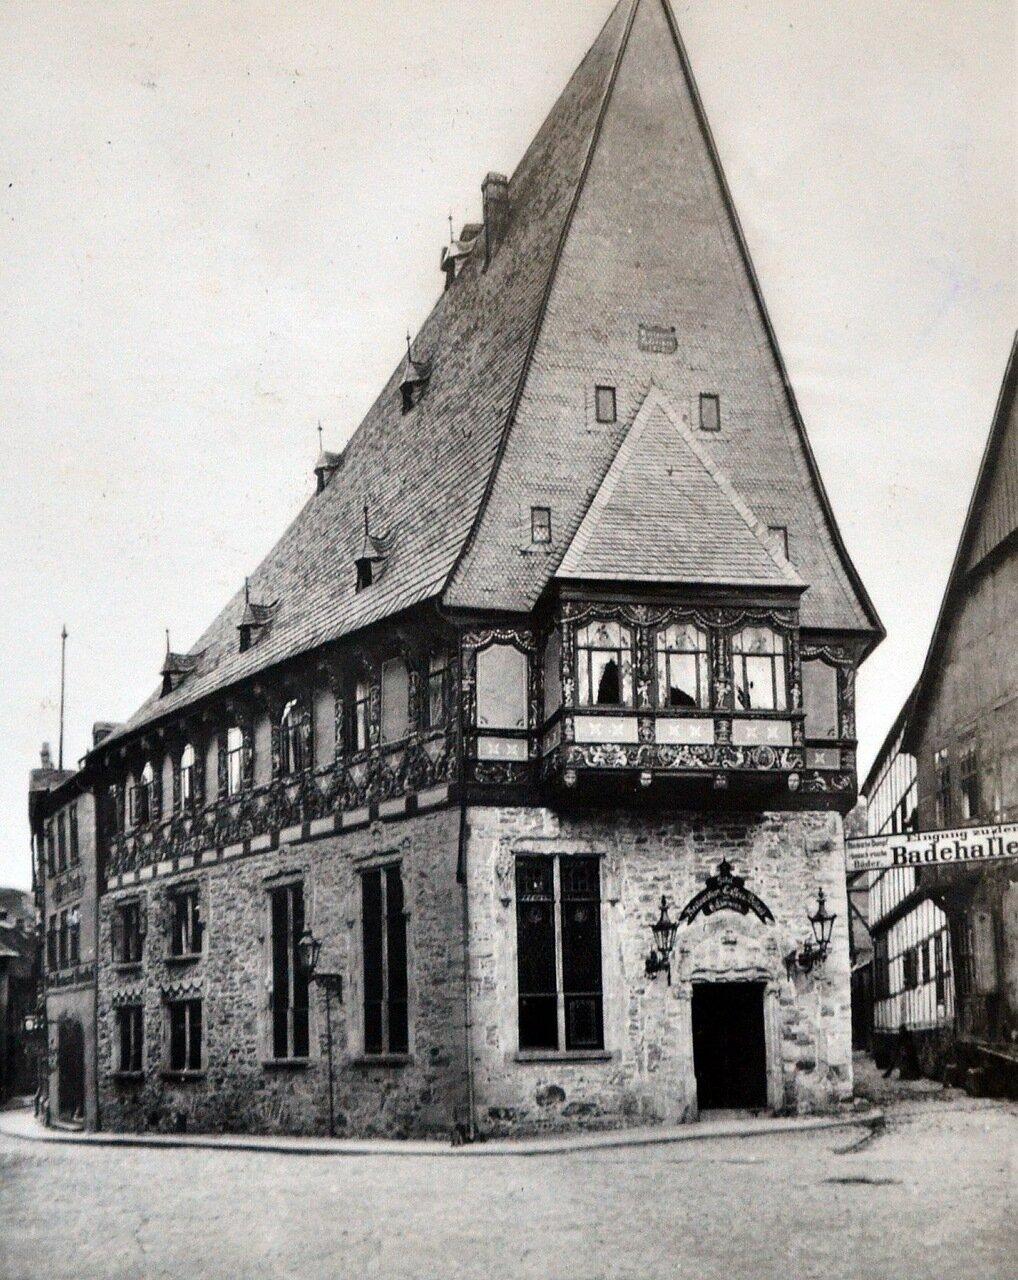 Гослар. Отель Brusttuch. 1933